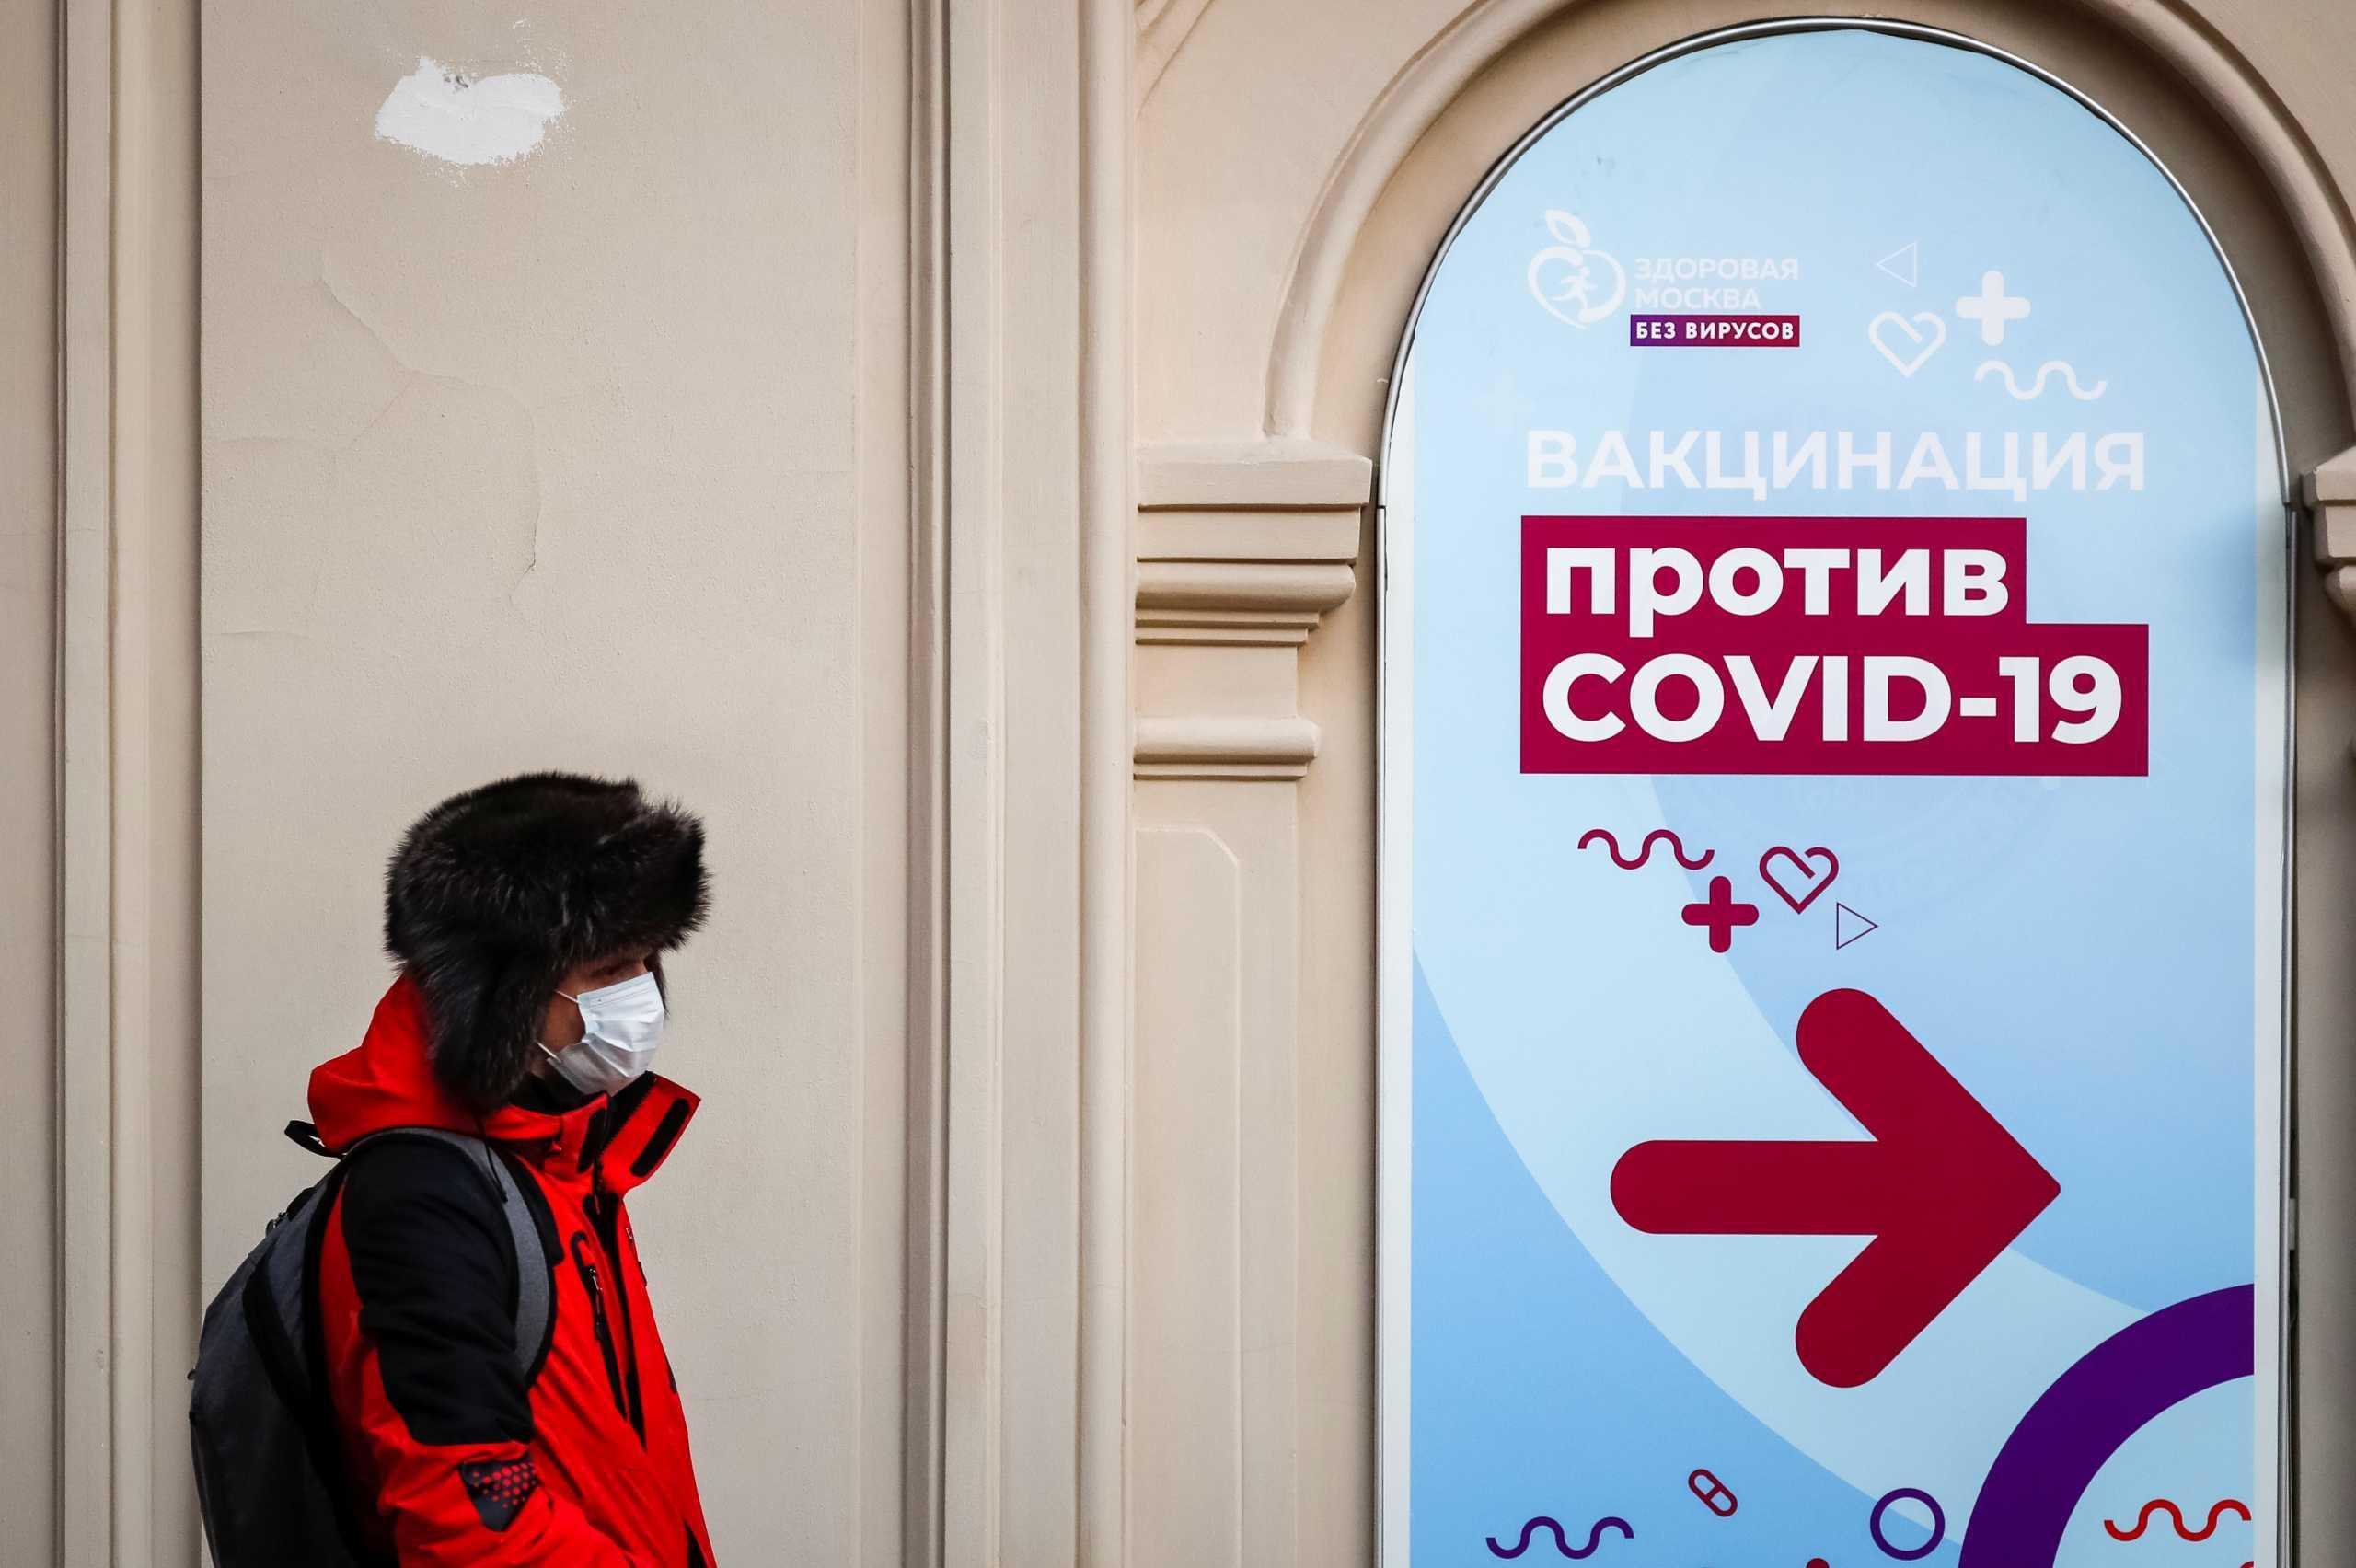 Ρωσία: 485 νεκροί και πάνω από 18.000 νέα κρούσματα κορονοϊού